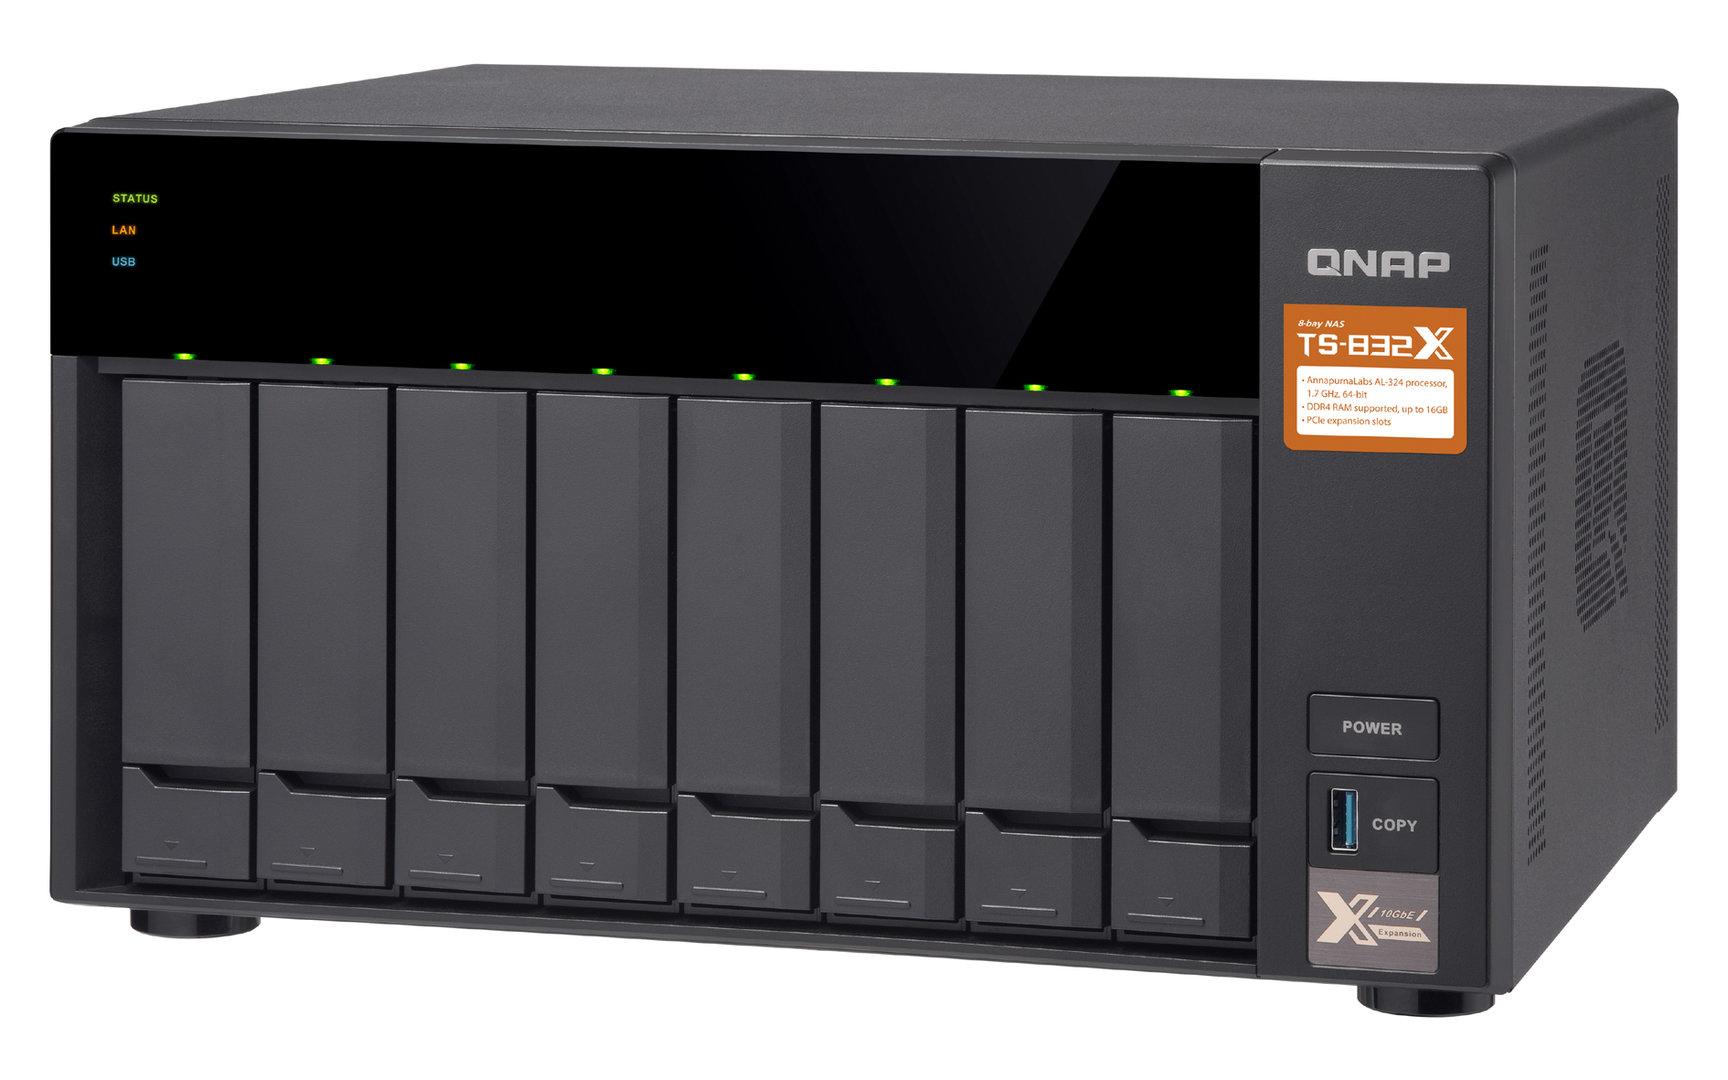 QNAP TS-832X